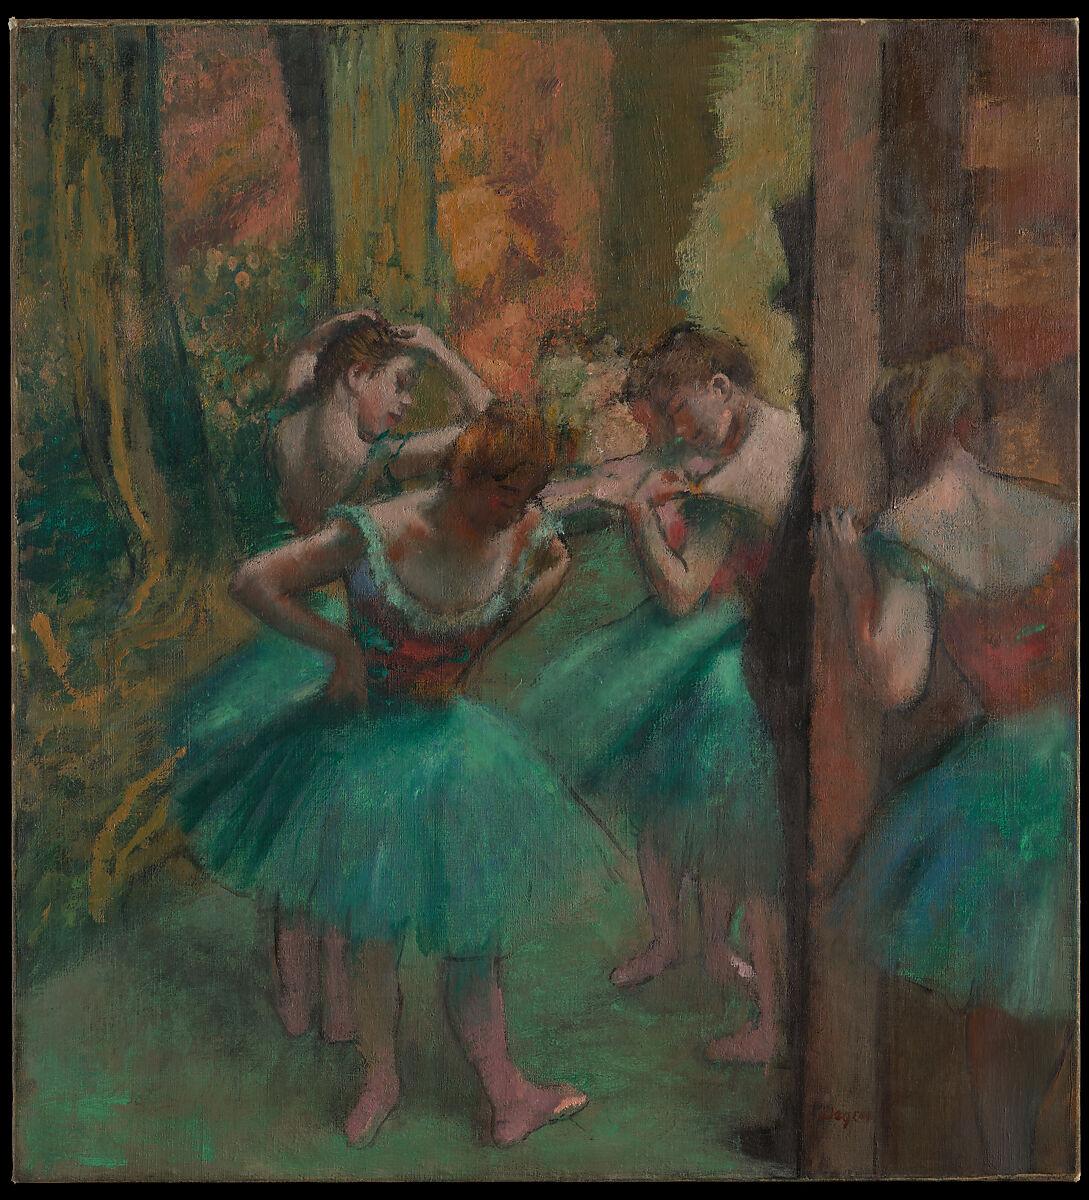 ダンサー、ピンクとグリーン、エドガードガ(フランス、パリ1834〜1917パリ)、キャンバスに油彩